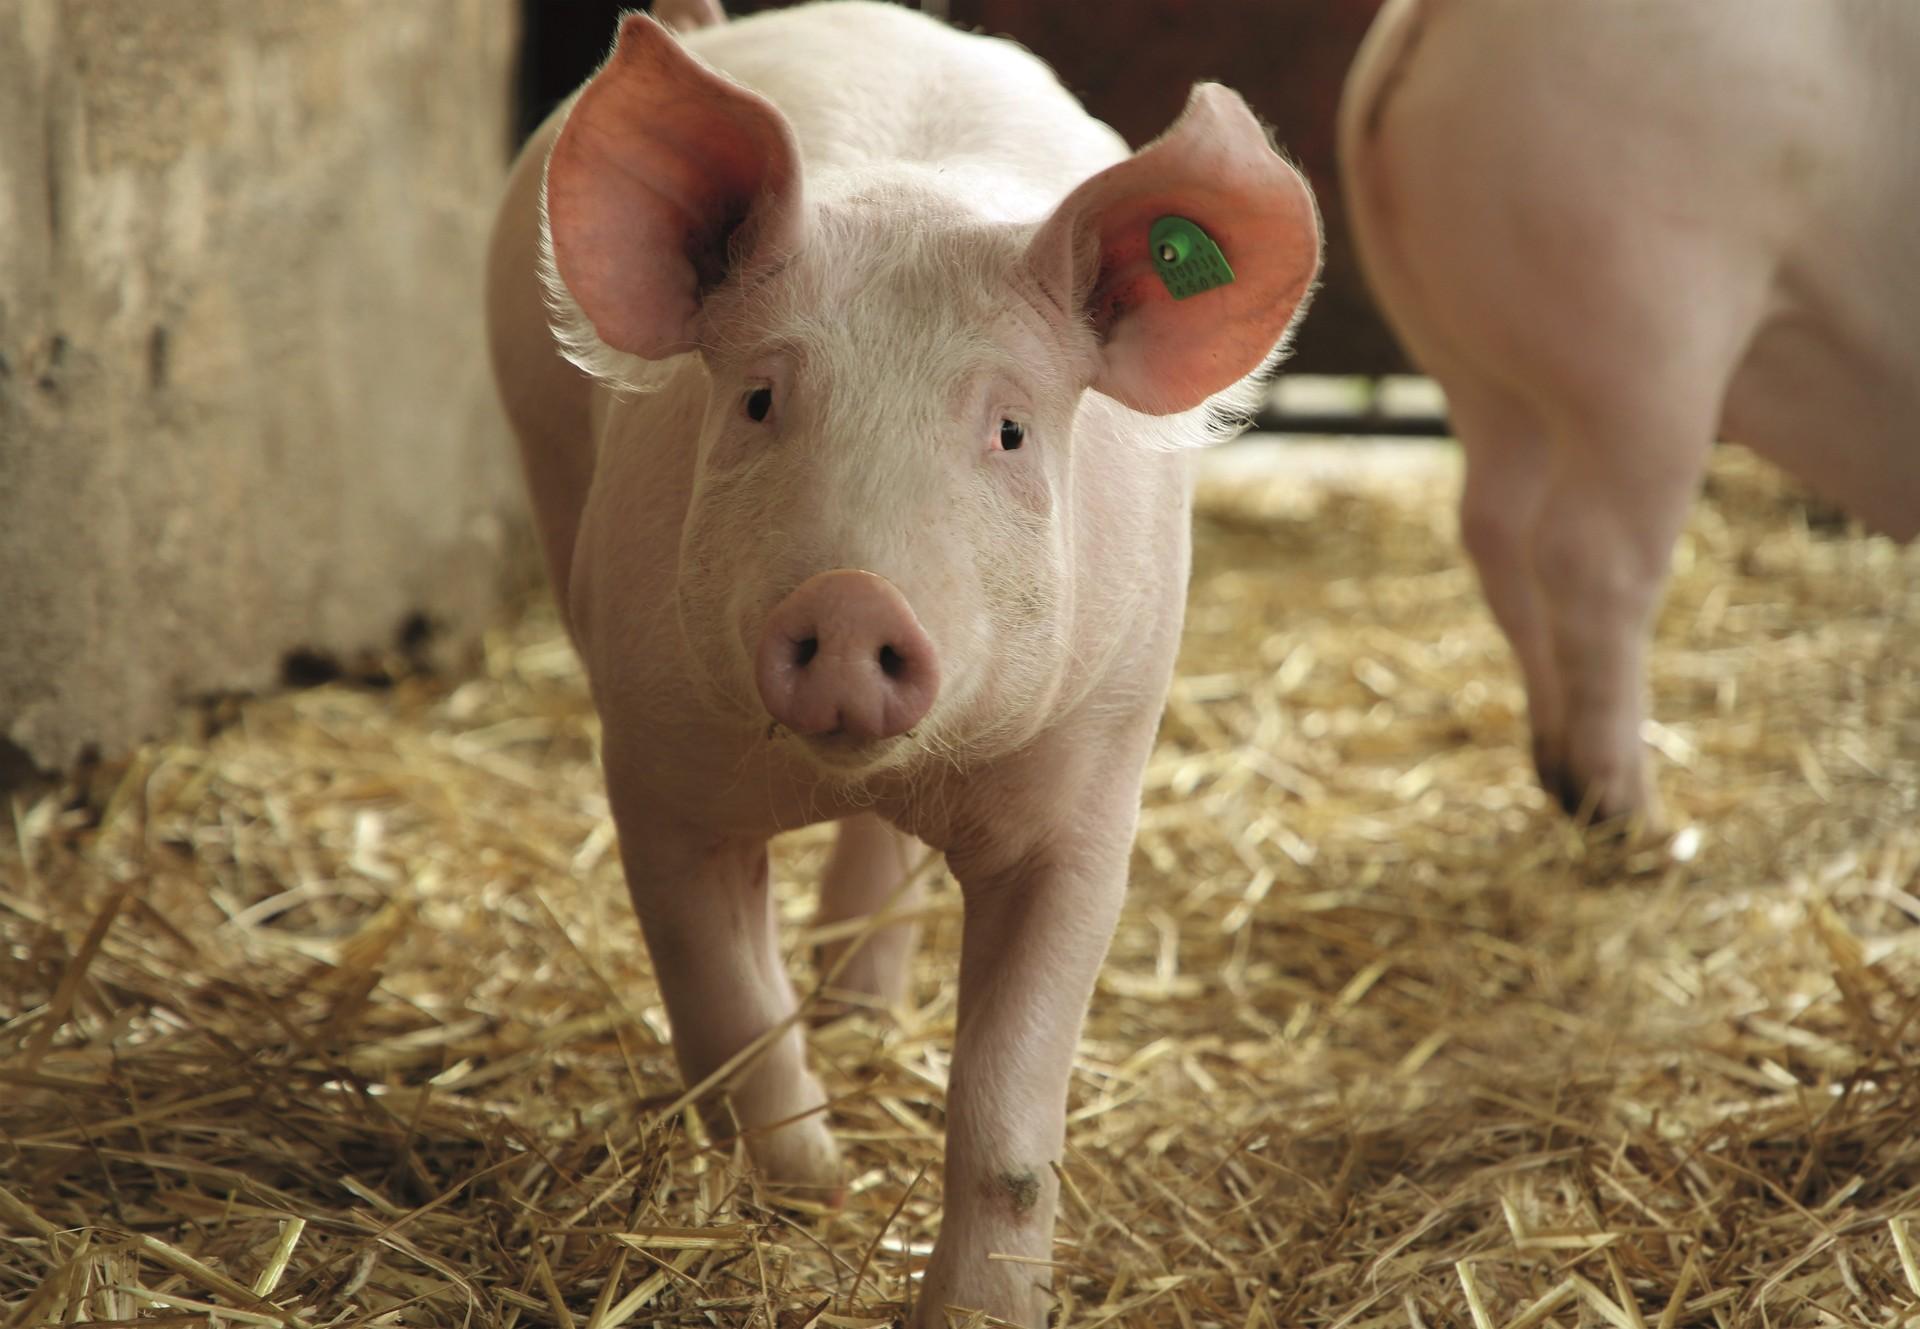 Schwein im Stall läuft neugierig auf den Kameramann zu